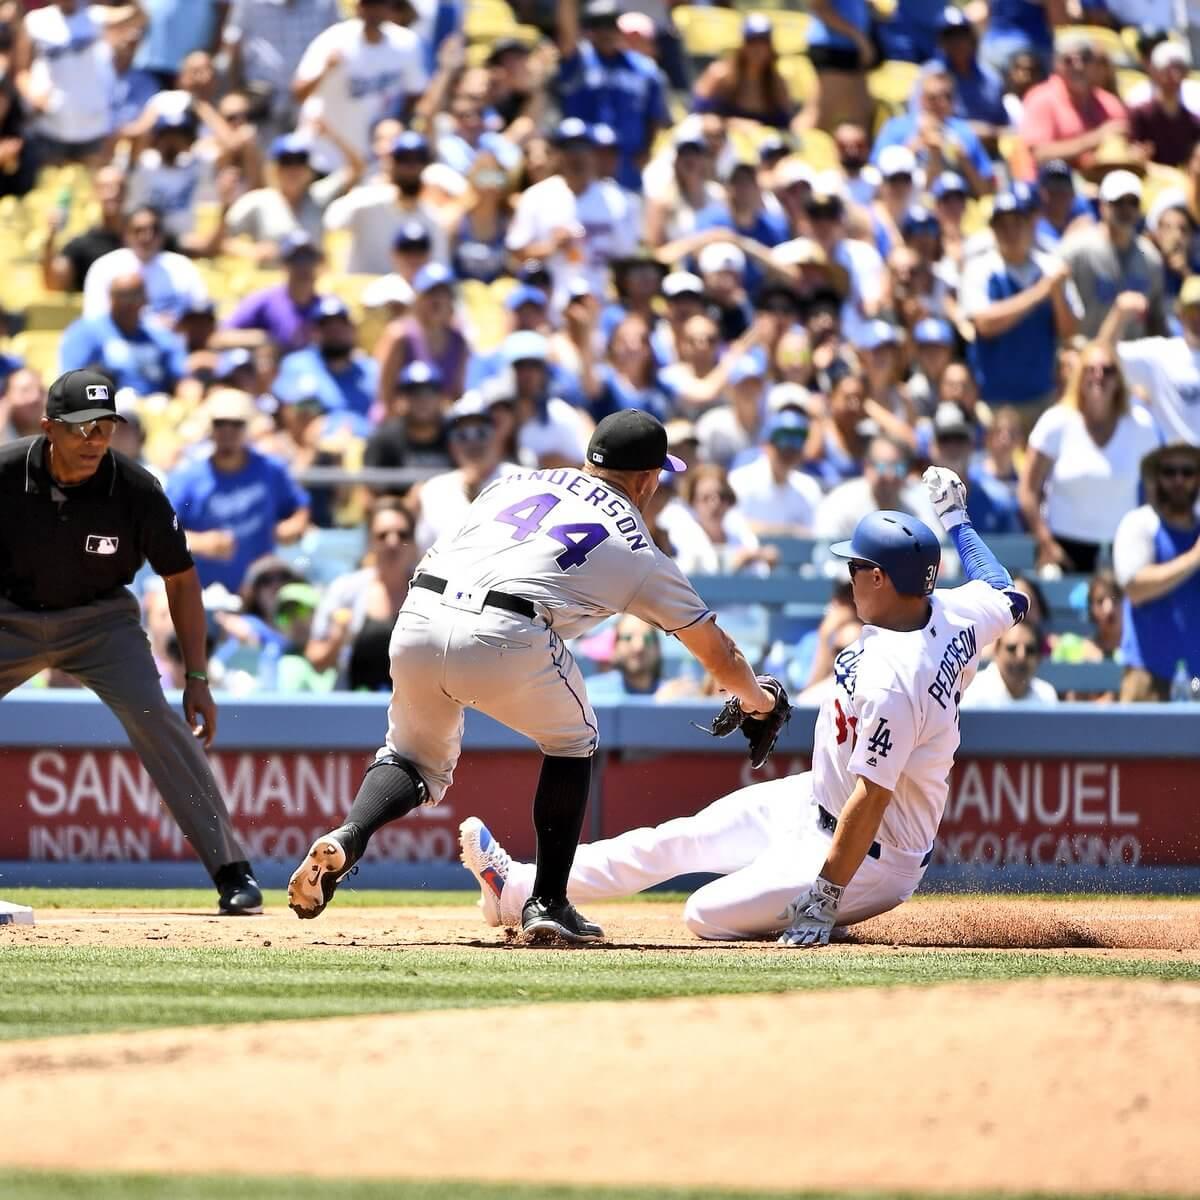 Сможет ли Сан Франциско обыграть Питтсбург На что делать ставки на MLB бейсбол 10 Августа 2018